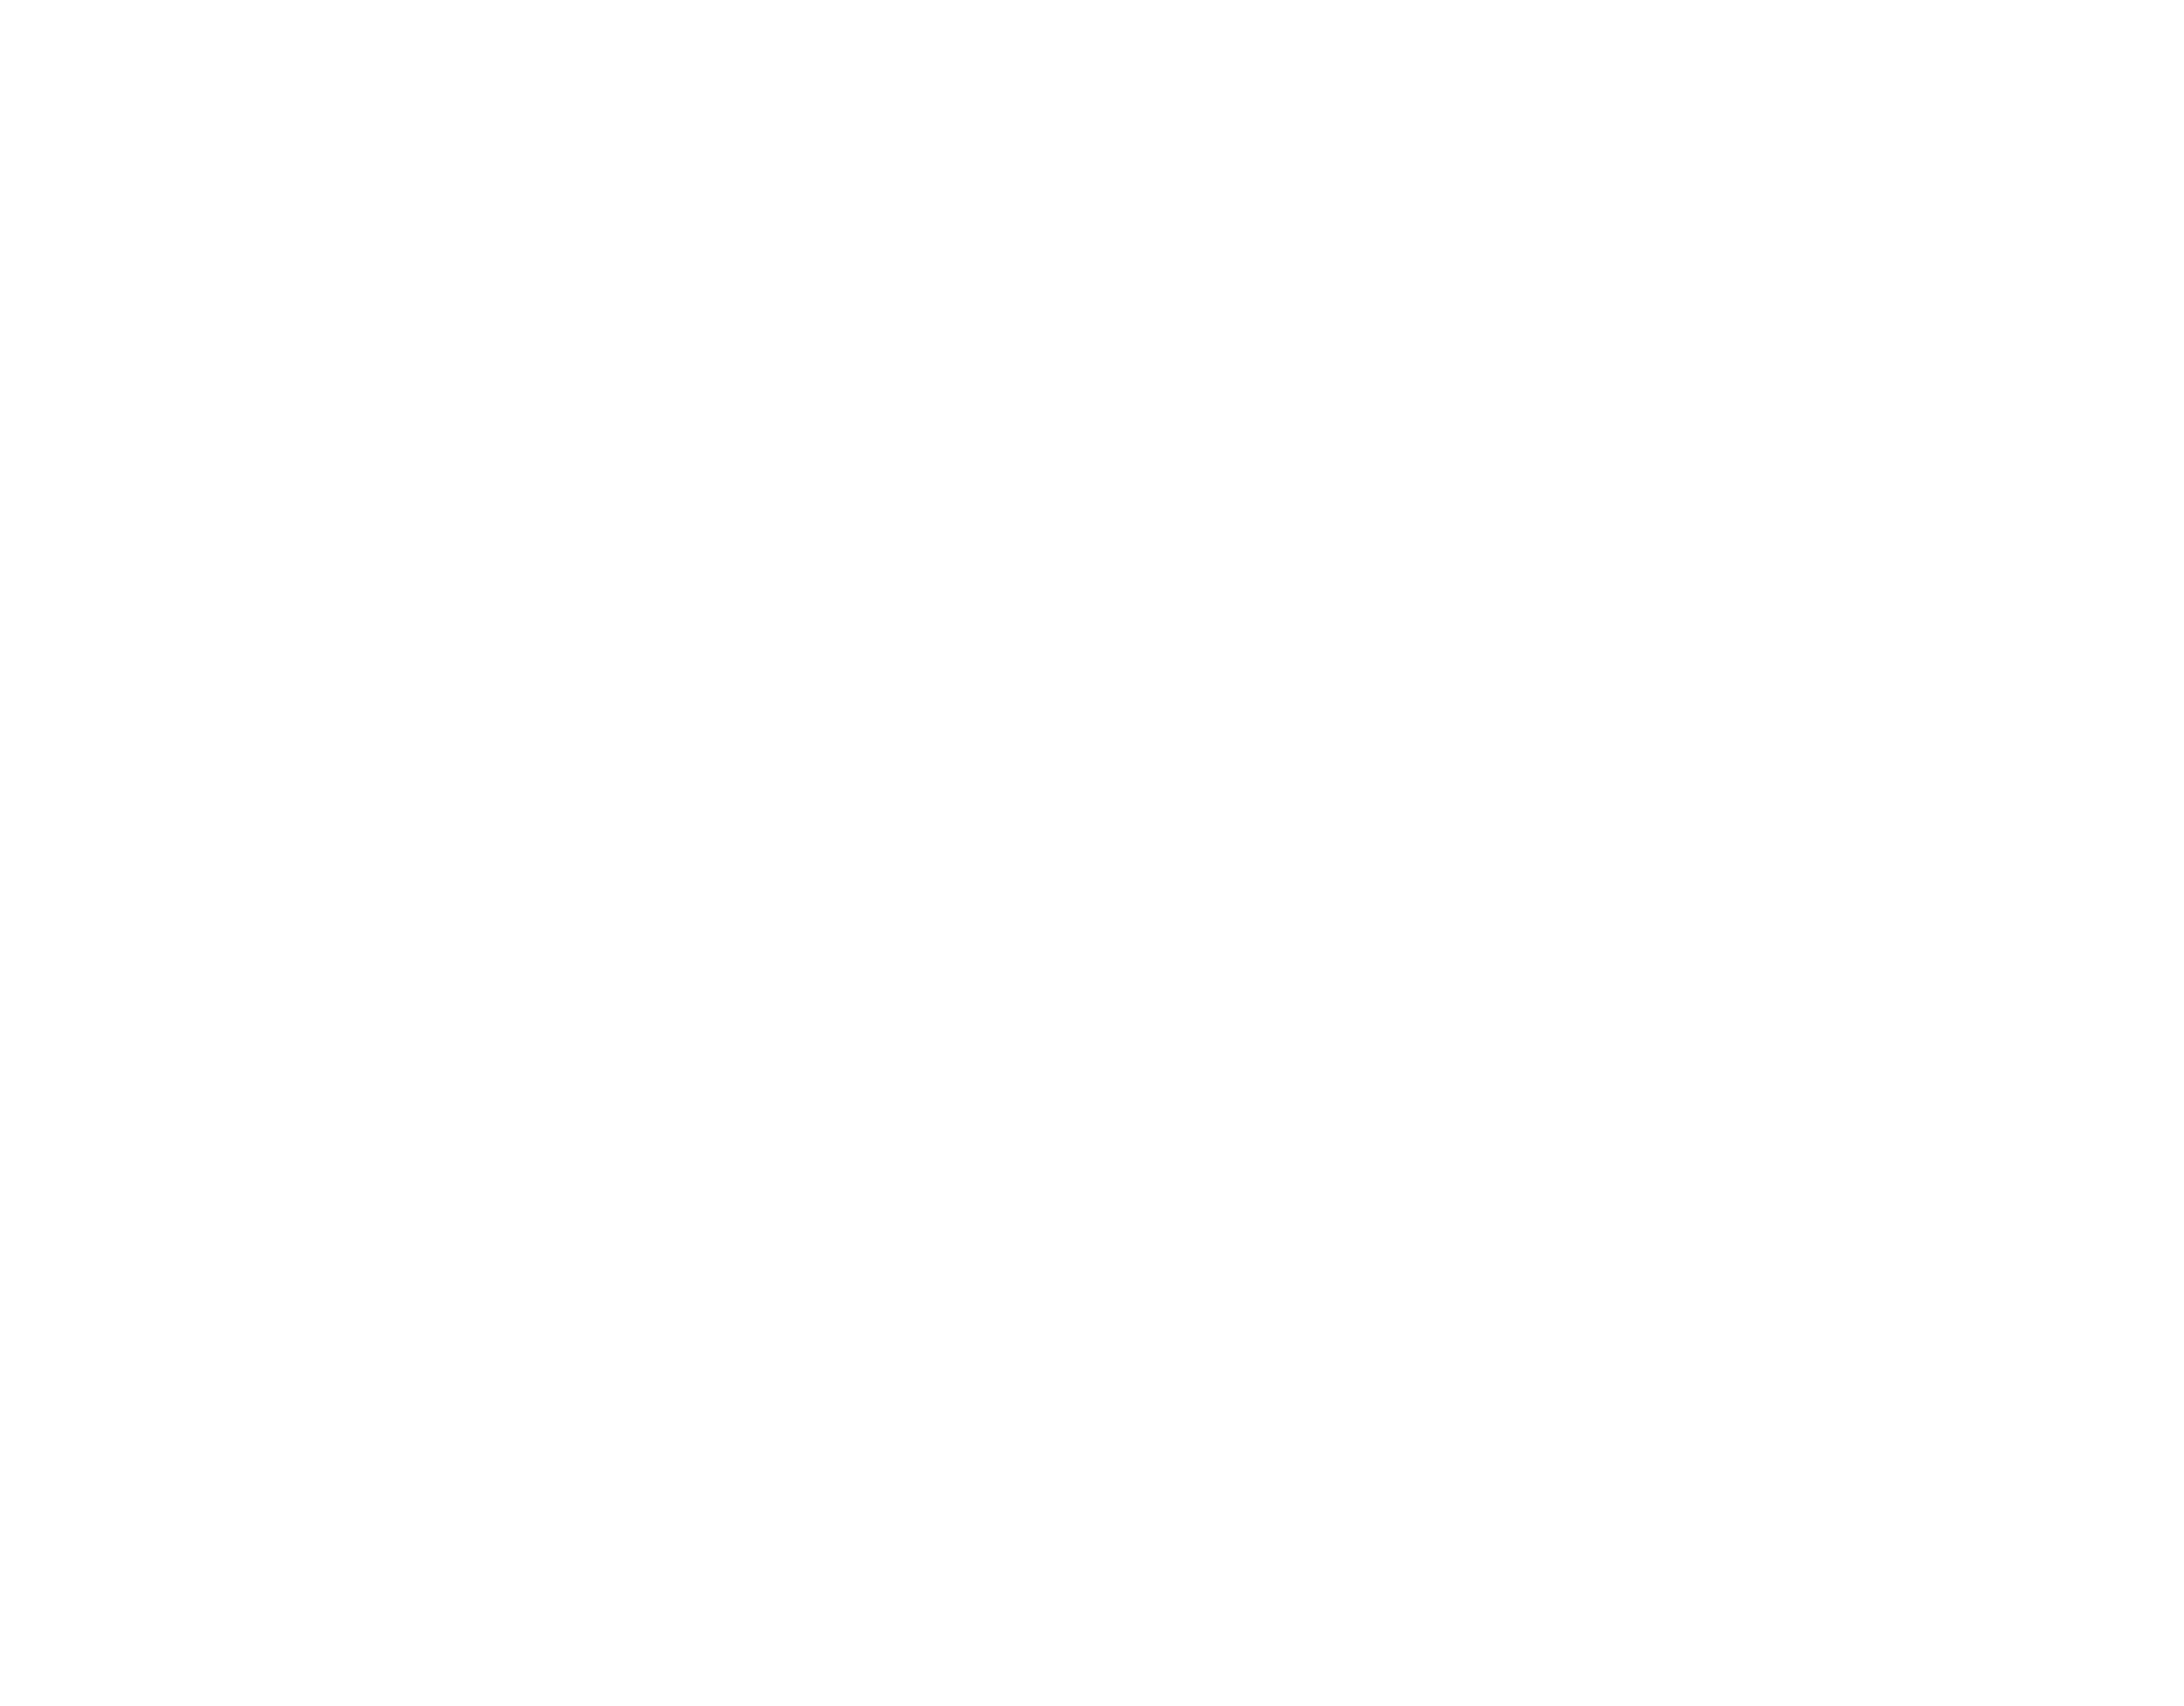 3-logo-recht-wit.png